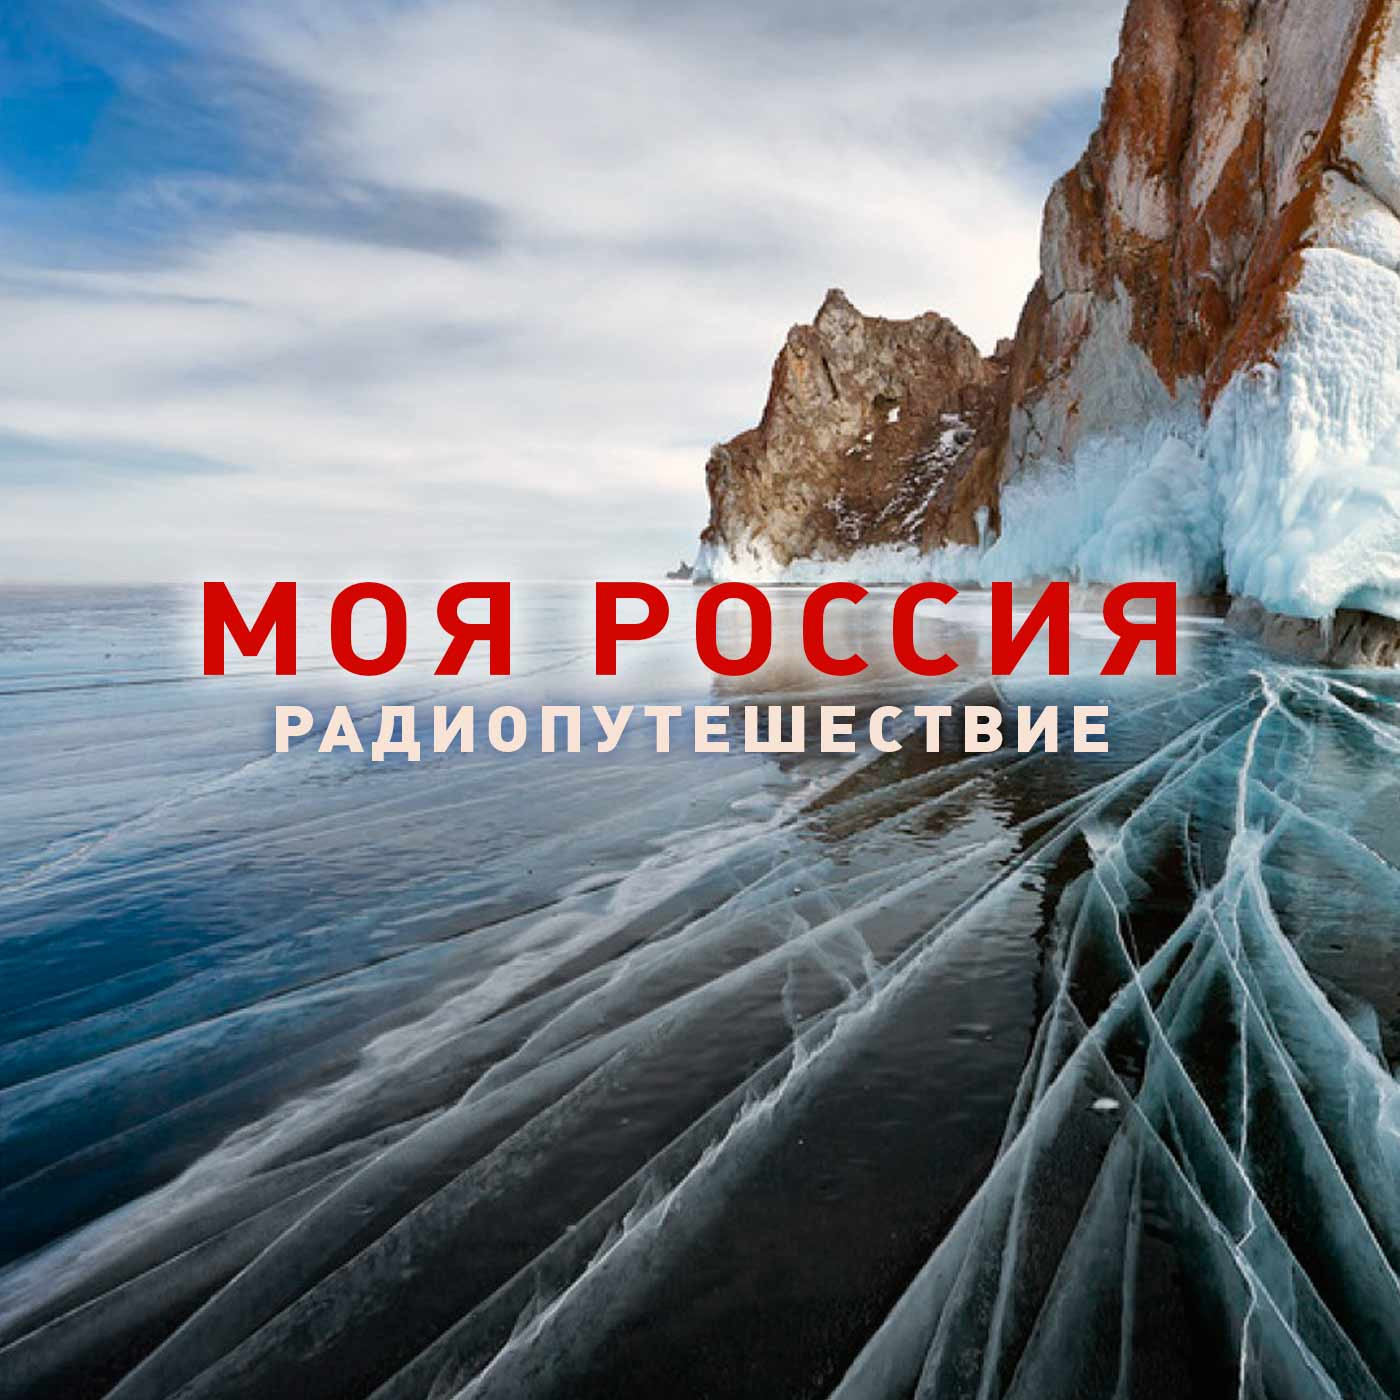 Радио звезда фото моя россия